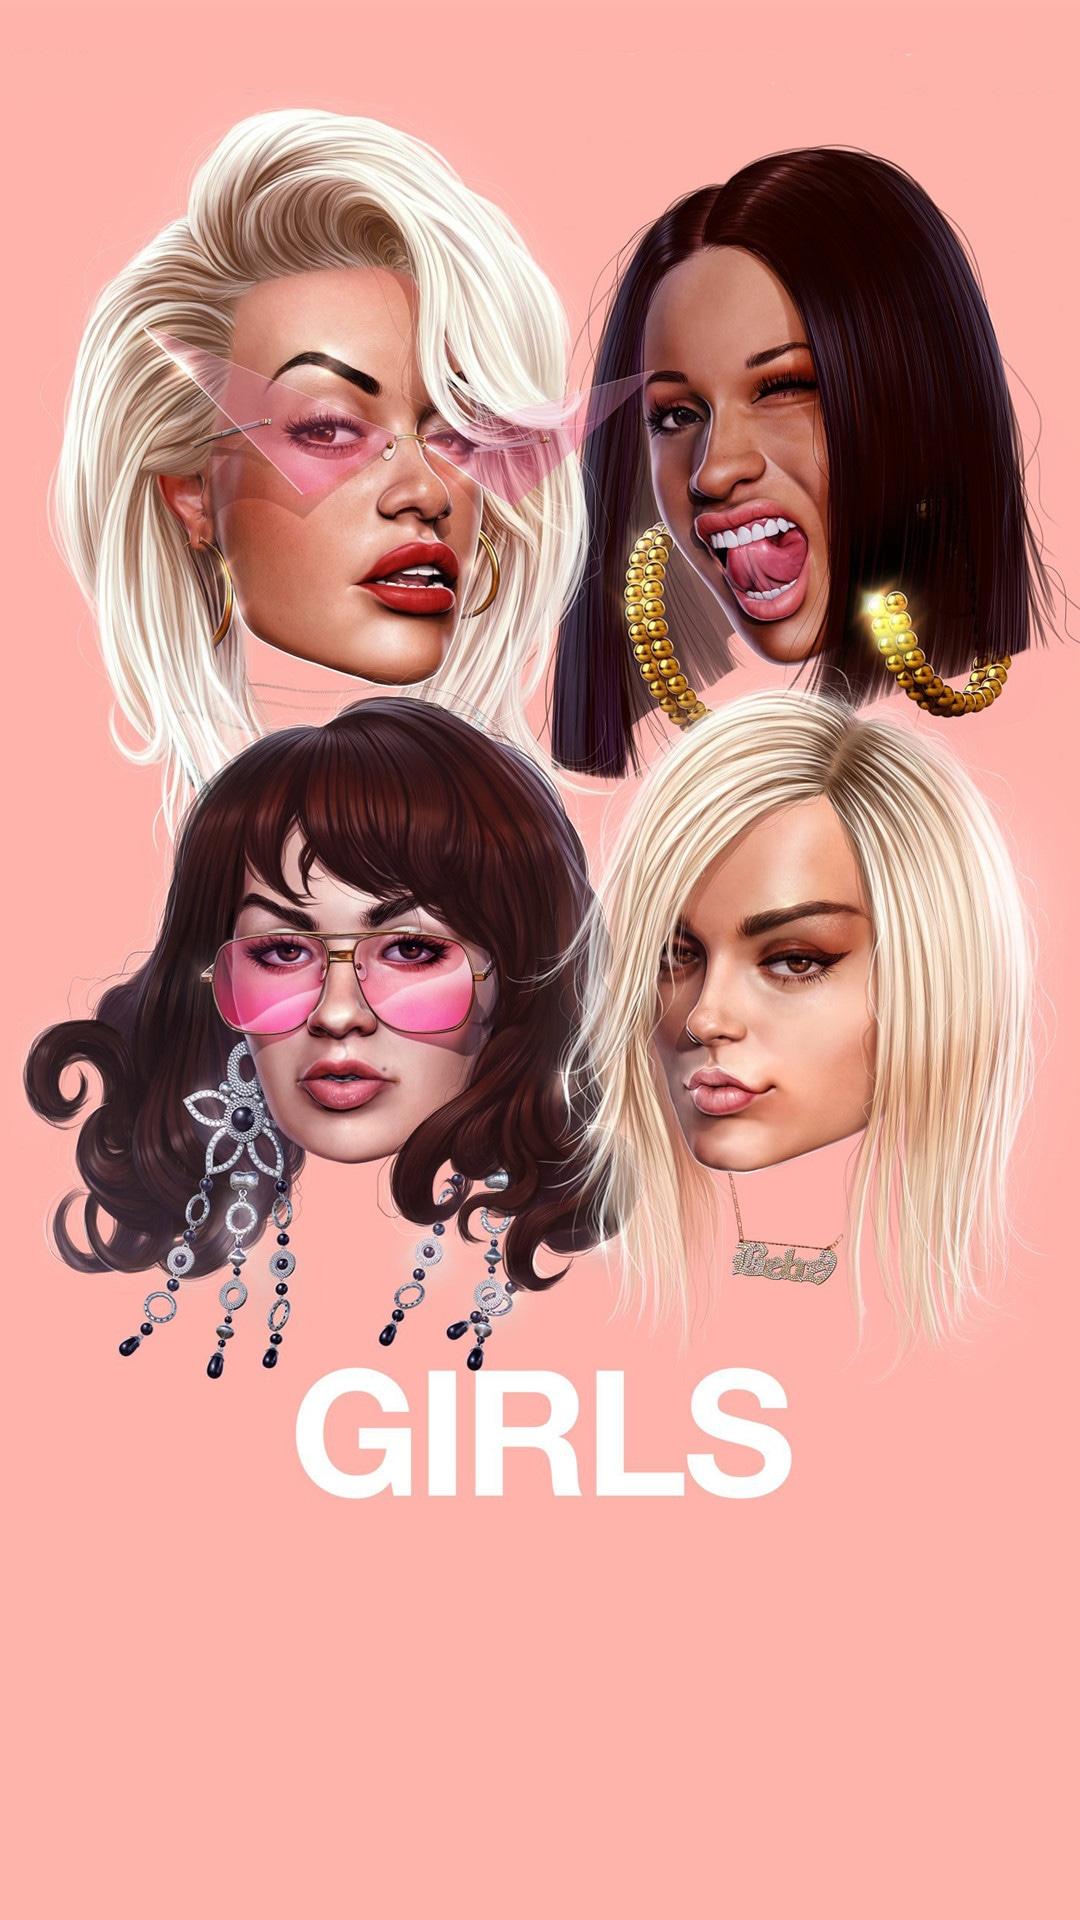 Rita Ora, Cardi B, Bebe Rexha, Charli XCX, Girls